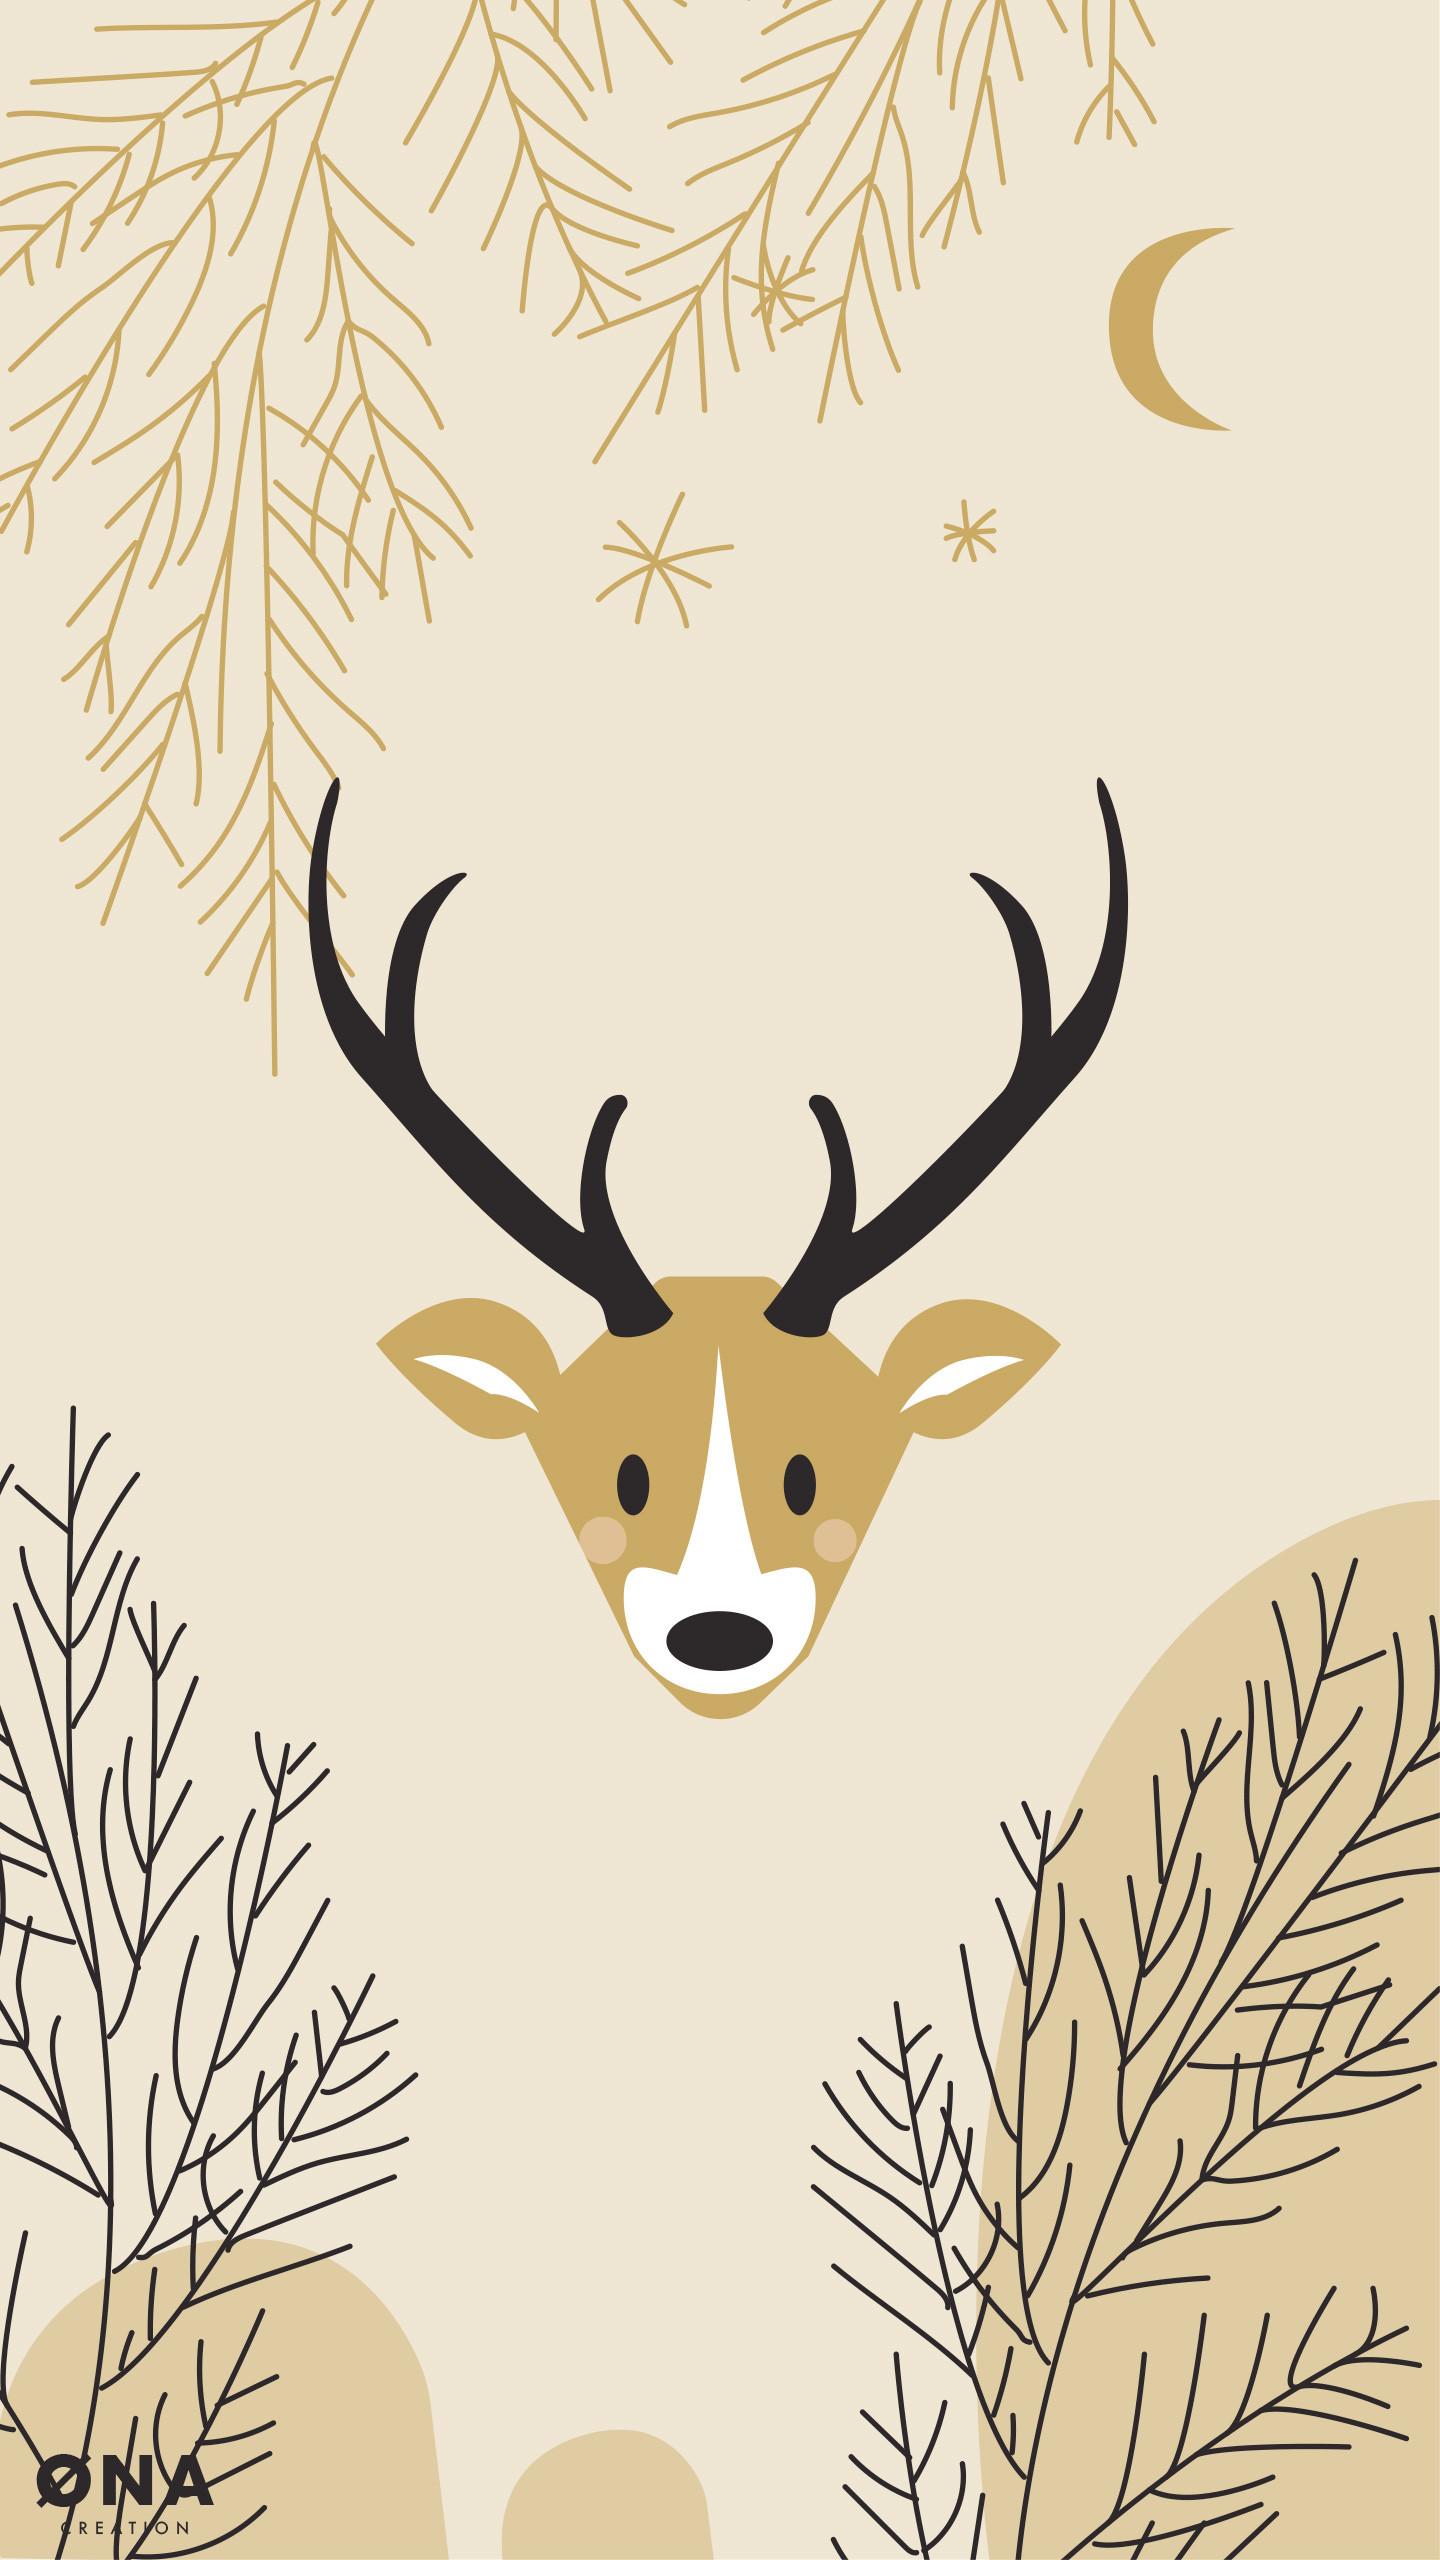 Res: 1440x2560, Deer Wallpaper